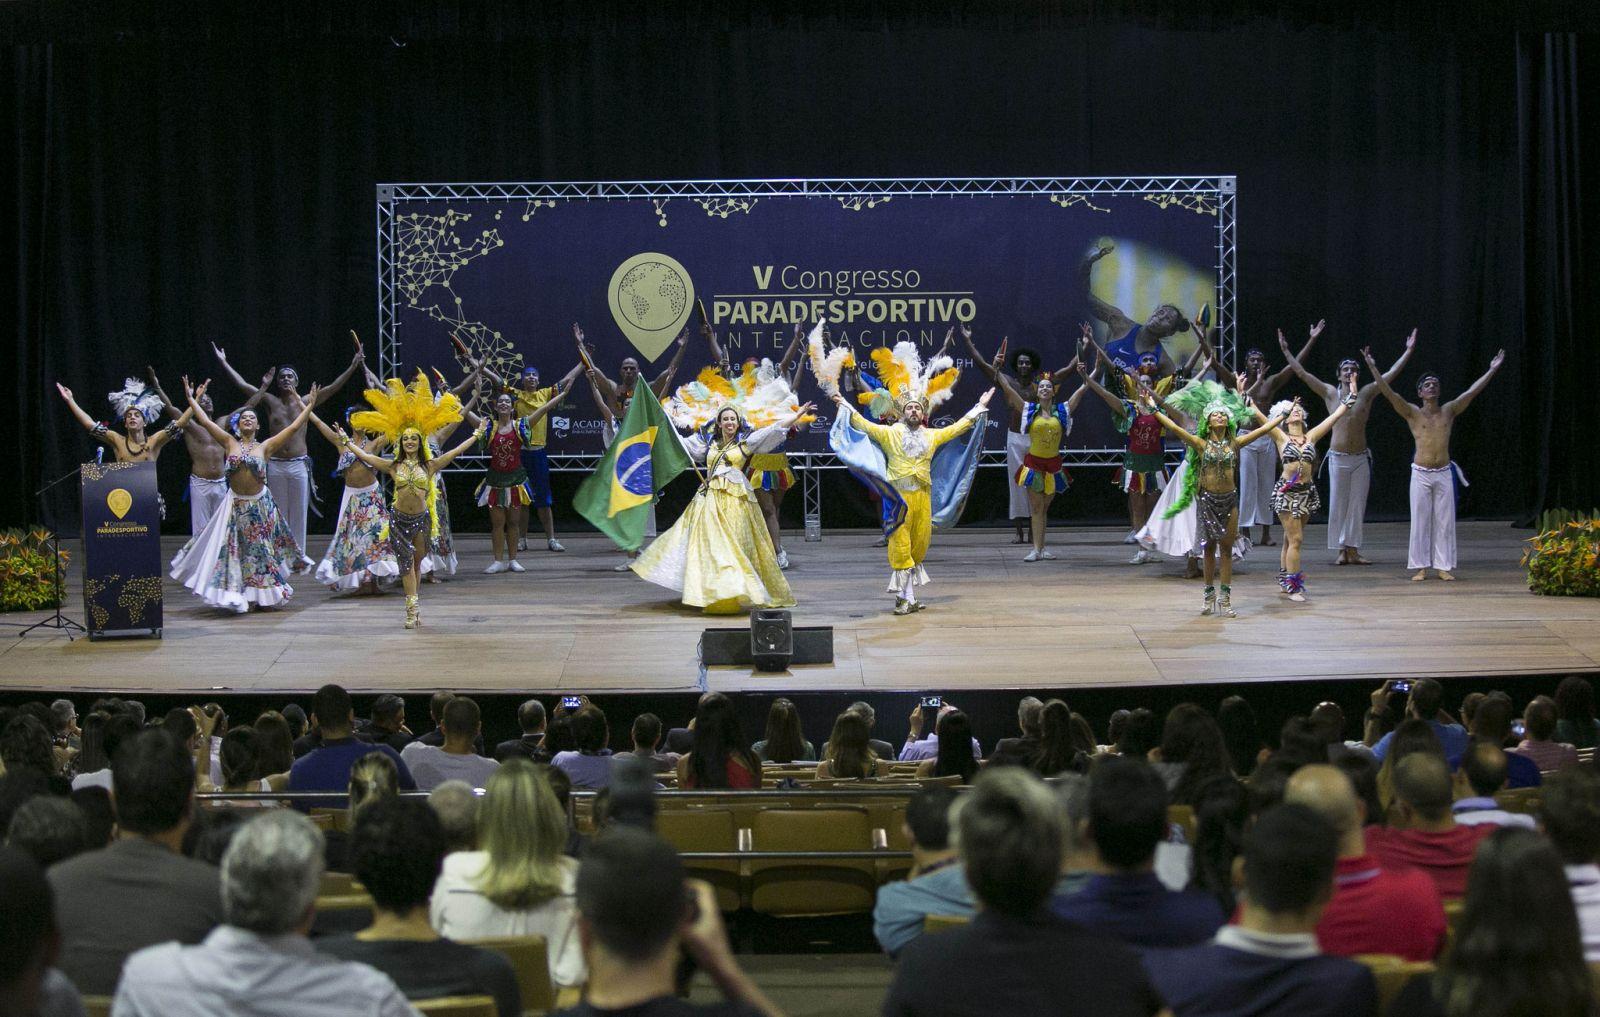 No embalo da Paralimpíada, V Congresso Paradesportivo Internacional inicia seus trabalhos em Belo Horizonte